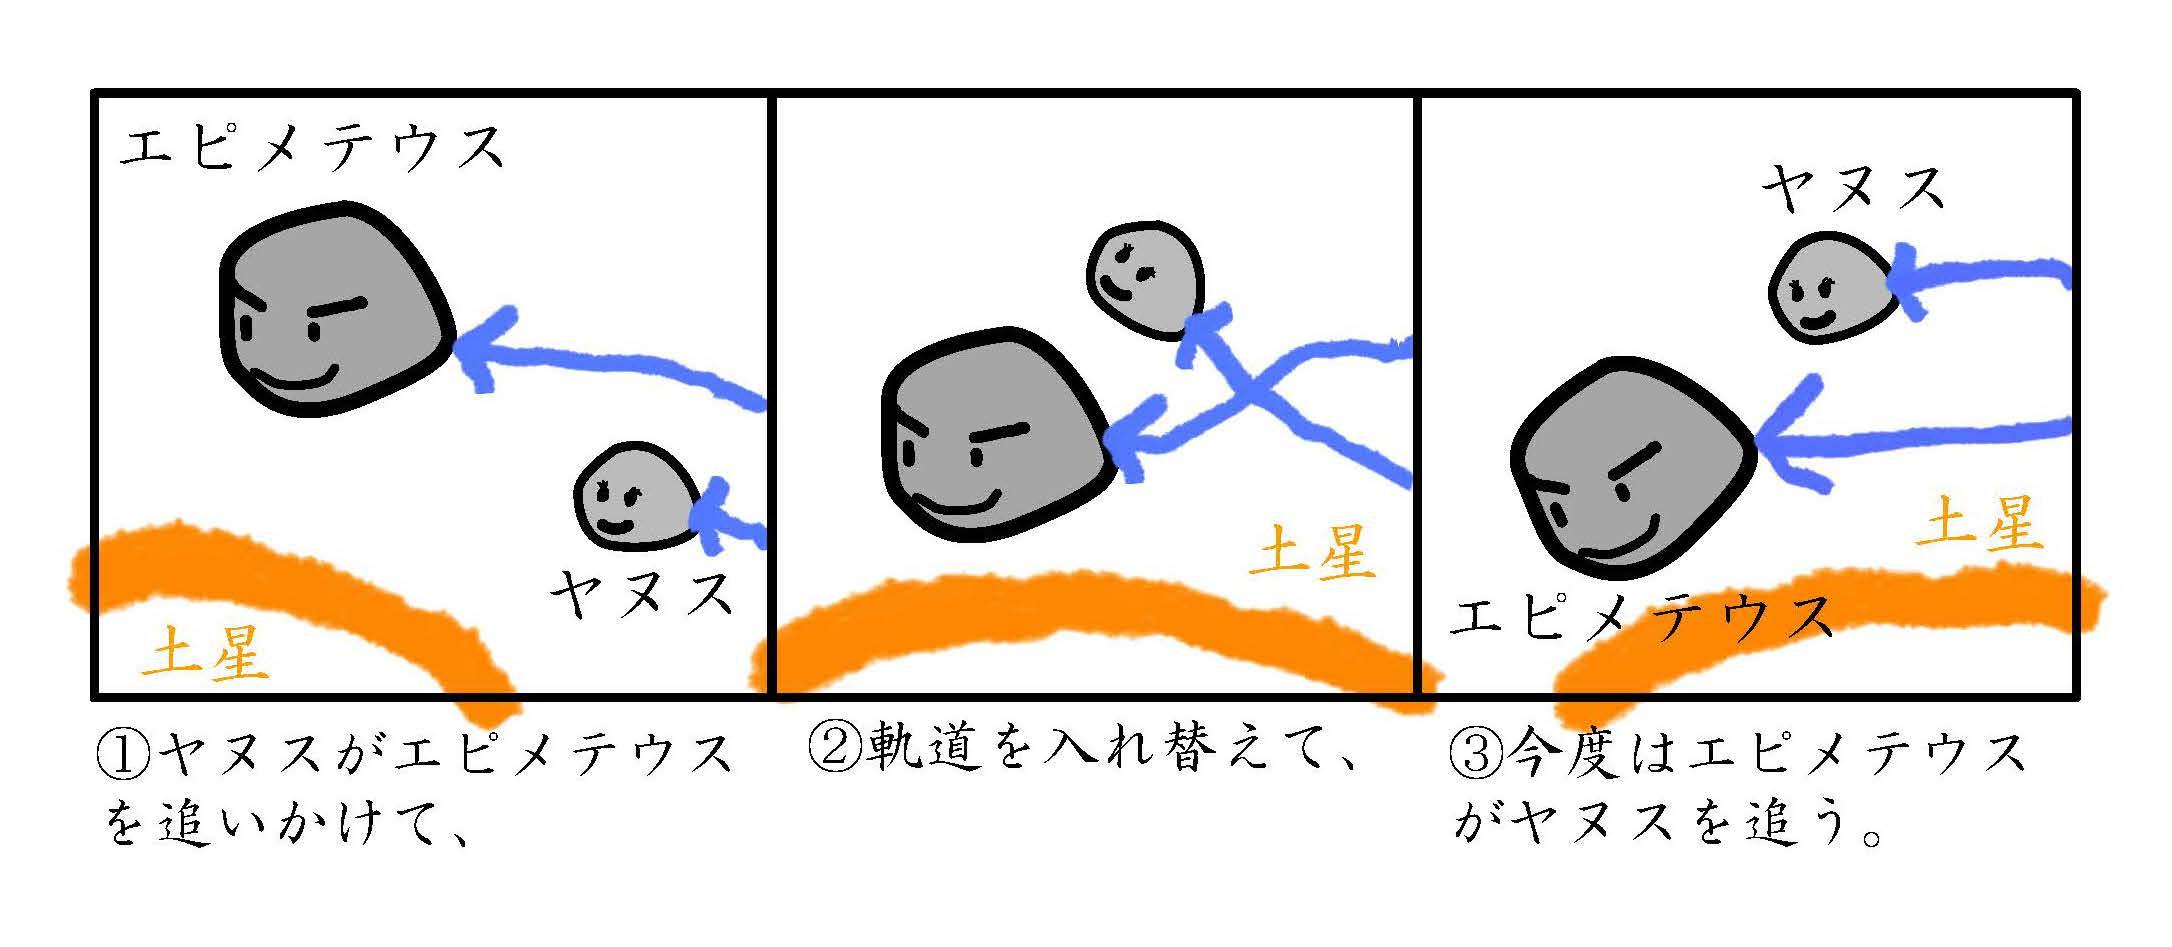 ヤヌスイラスト.jpg